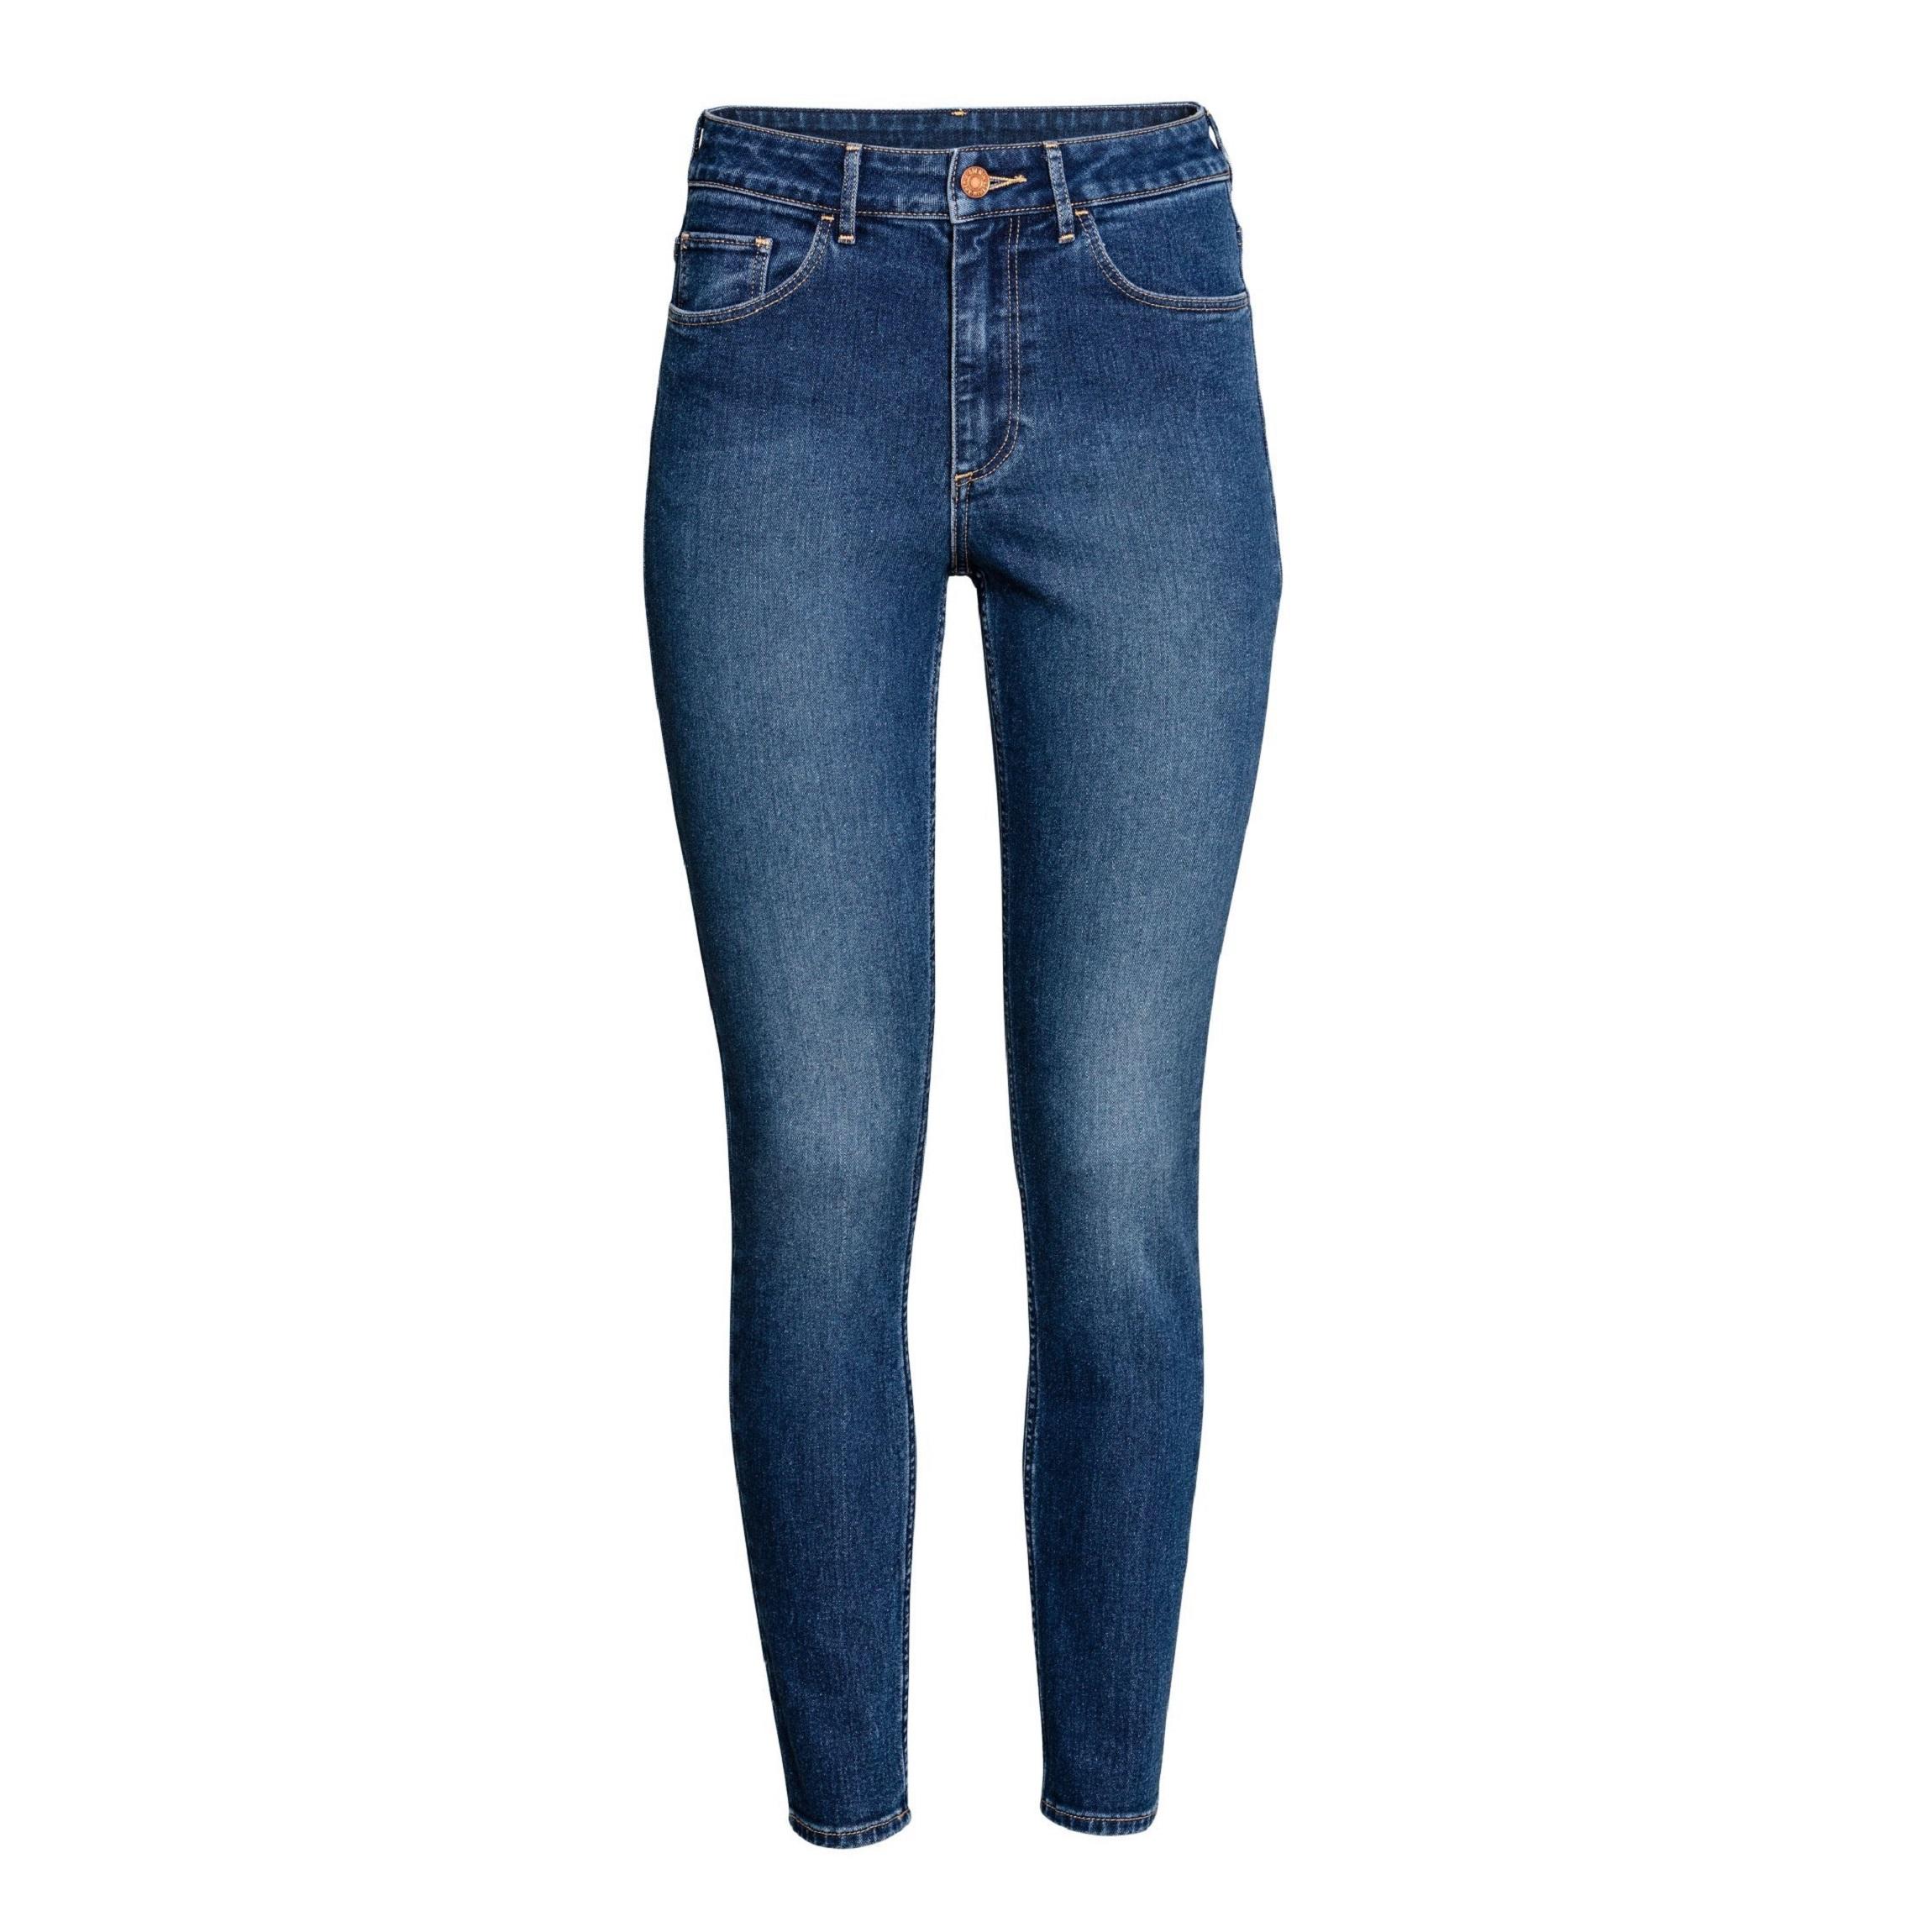 شلوار جین زنانه اچ اند ام مدل 00476